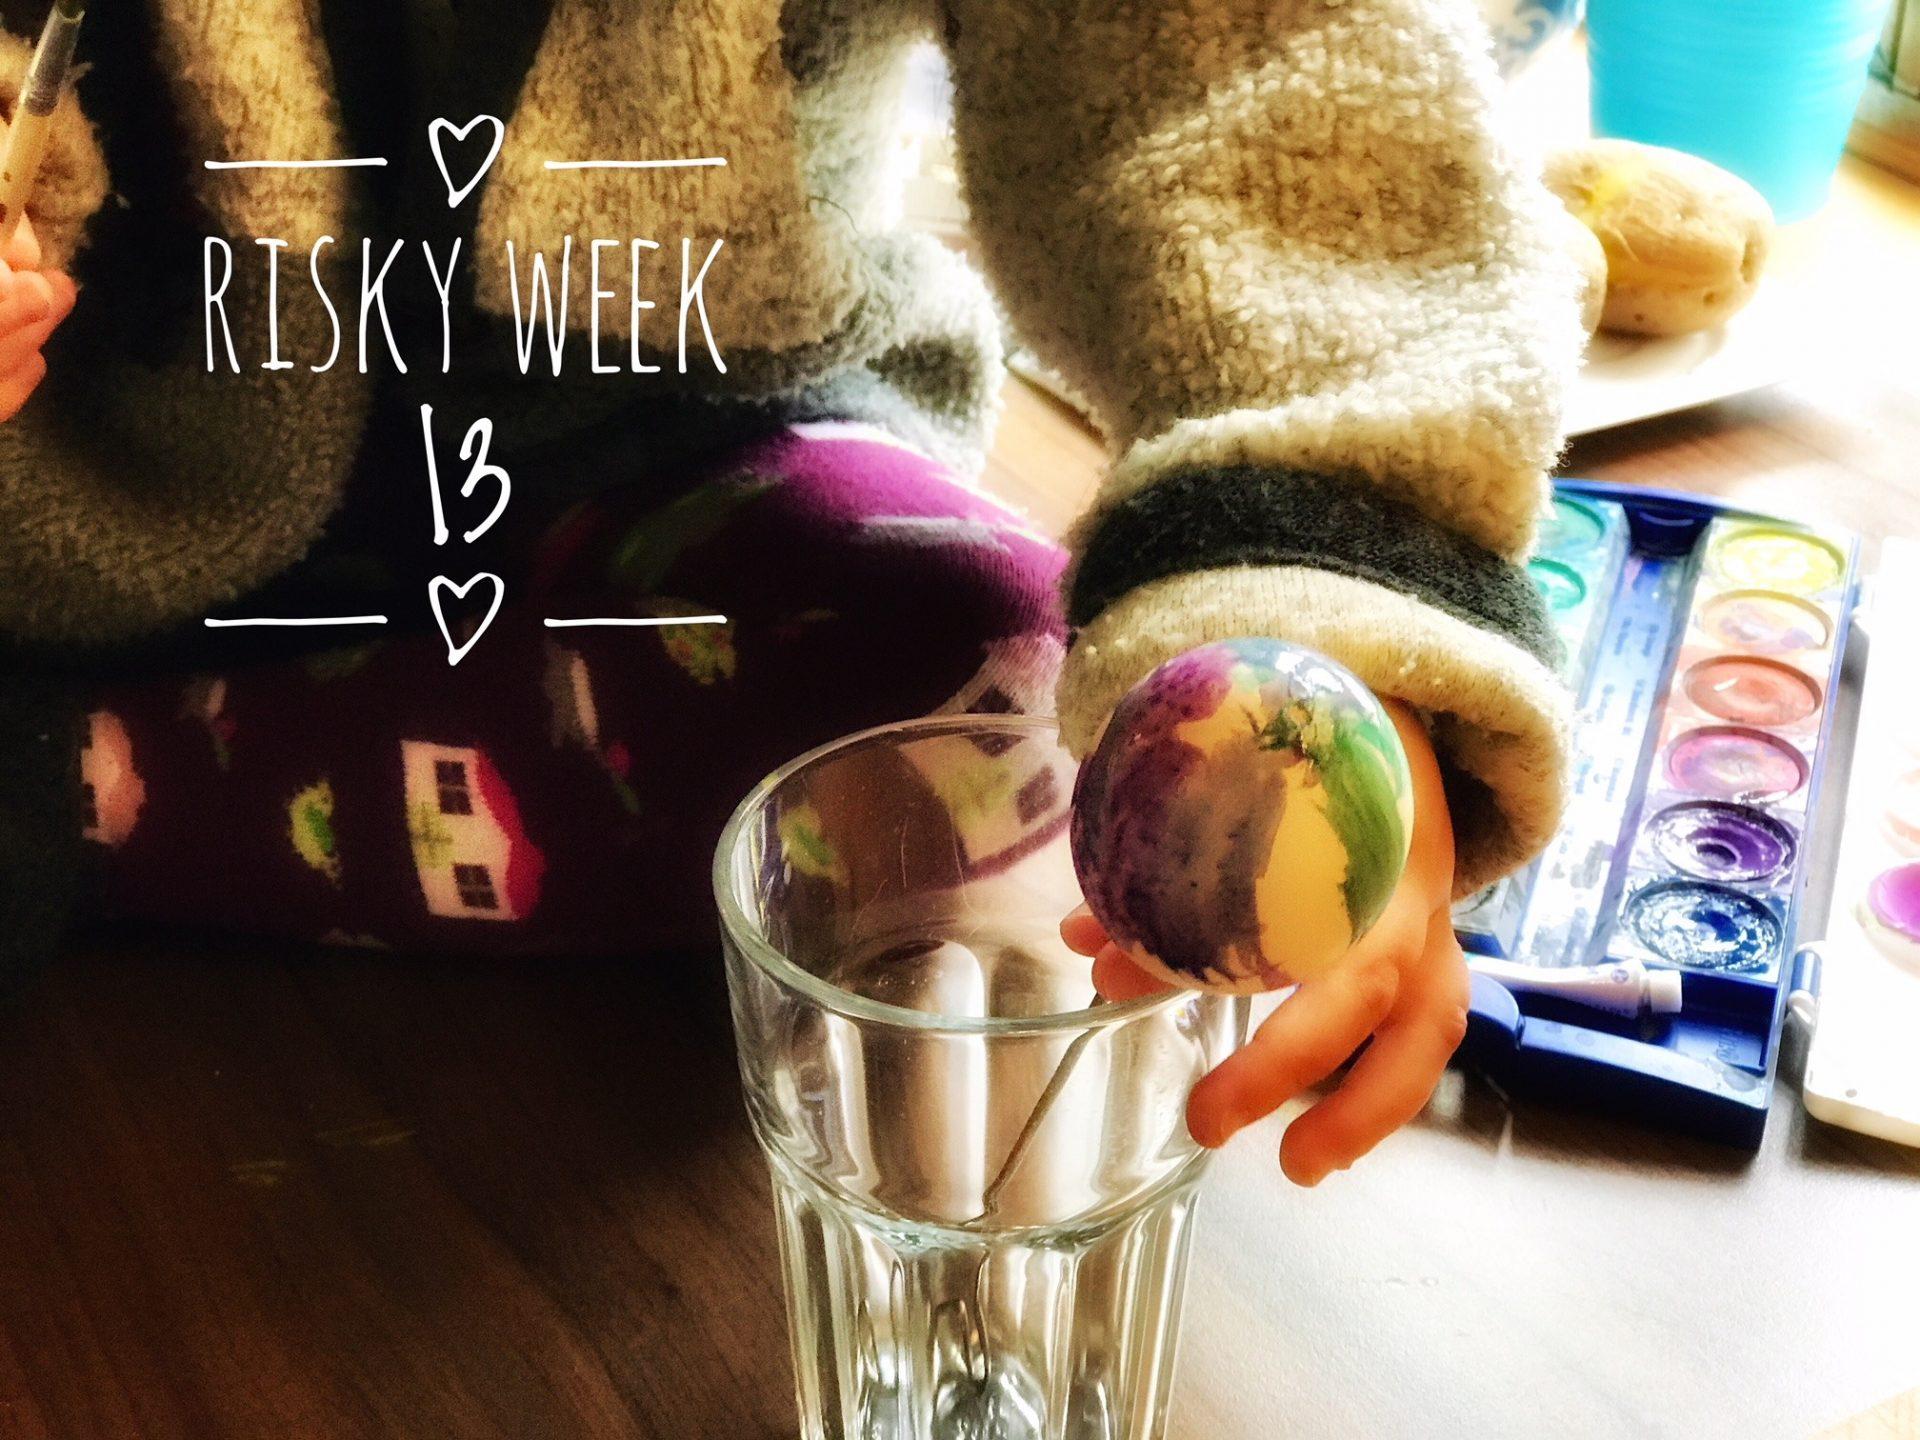 Risky Week 13 – Merlin bemalt sein erstes Ei